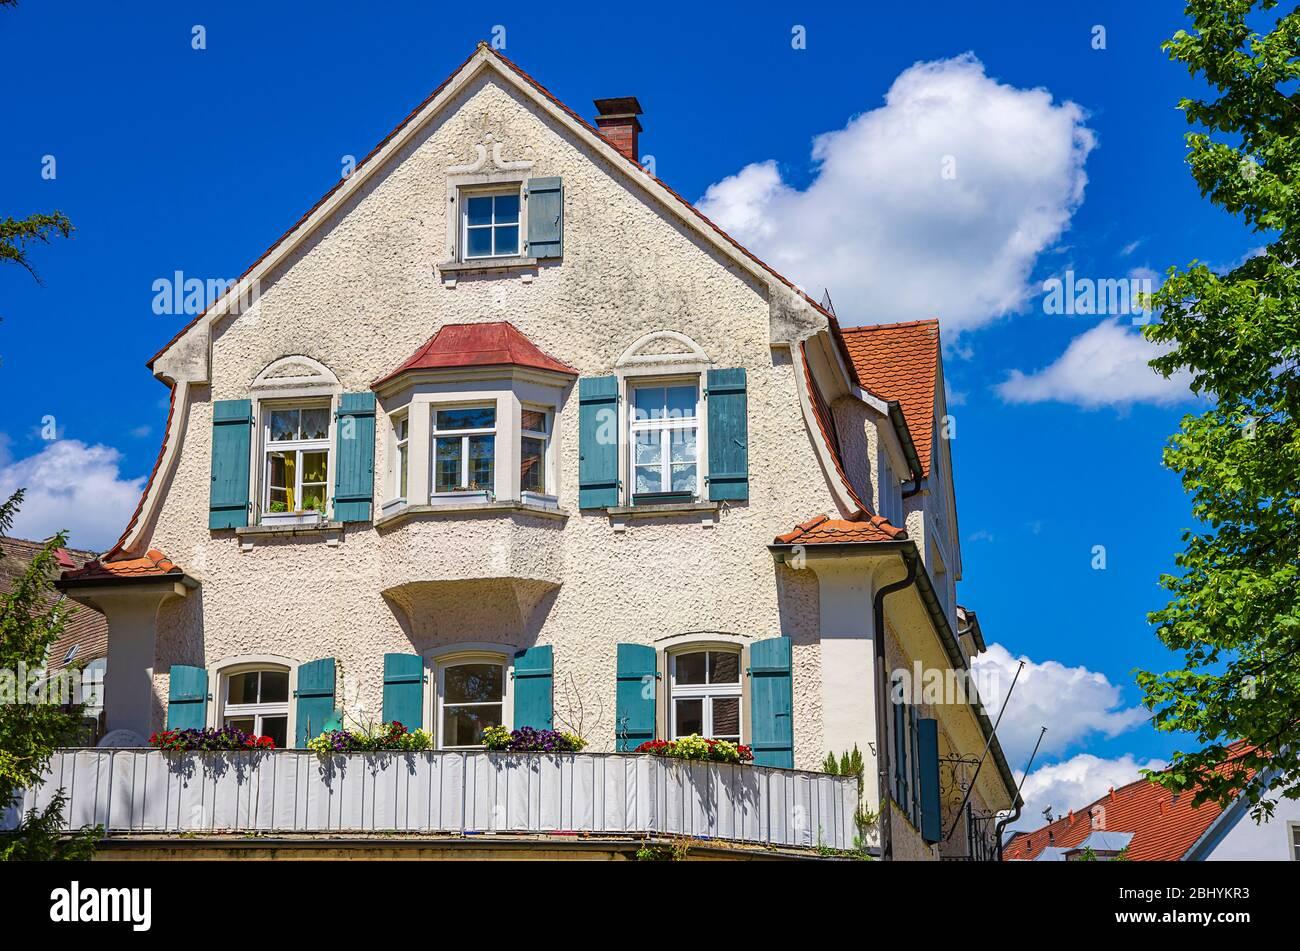 Giebel eines historischen Hauses in der Lingg Straße in der Altstadt von Lindau am Bodensee, Bayern, Deutschland, Europa. Giebel eines historischen Hauses in d Stockfoto